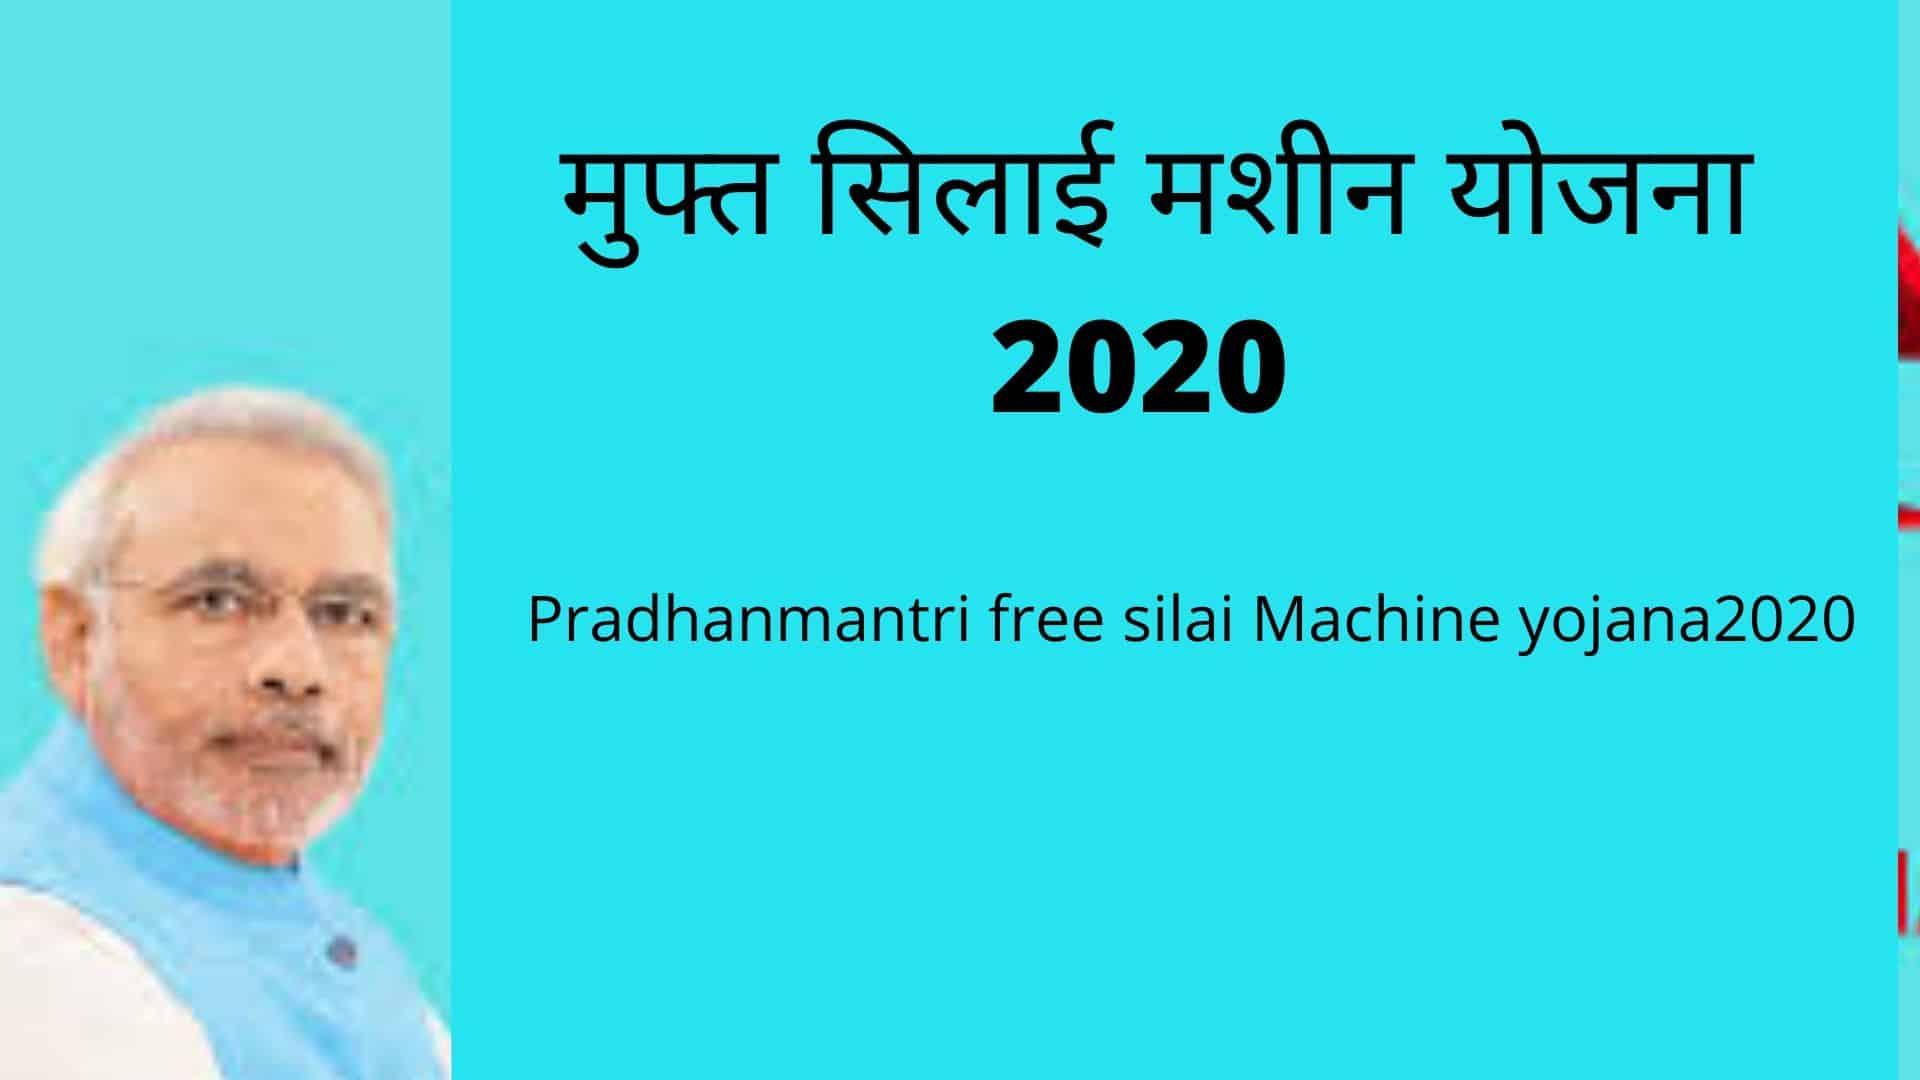 मुफ्त सिलाई मशीन योजना 2020